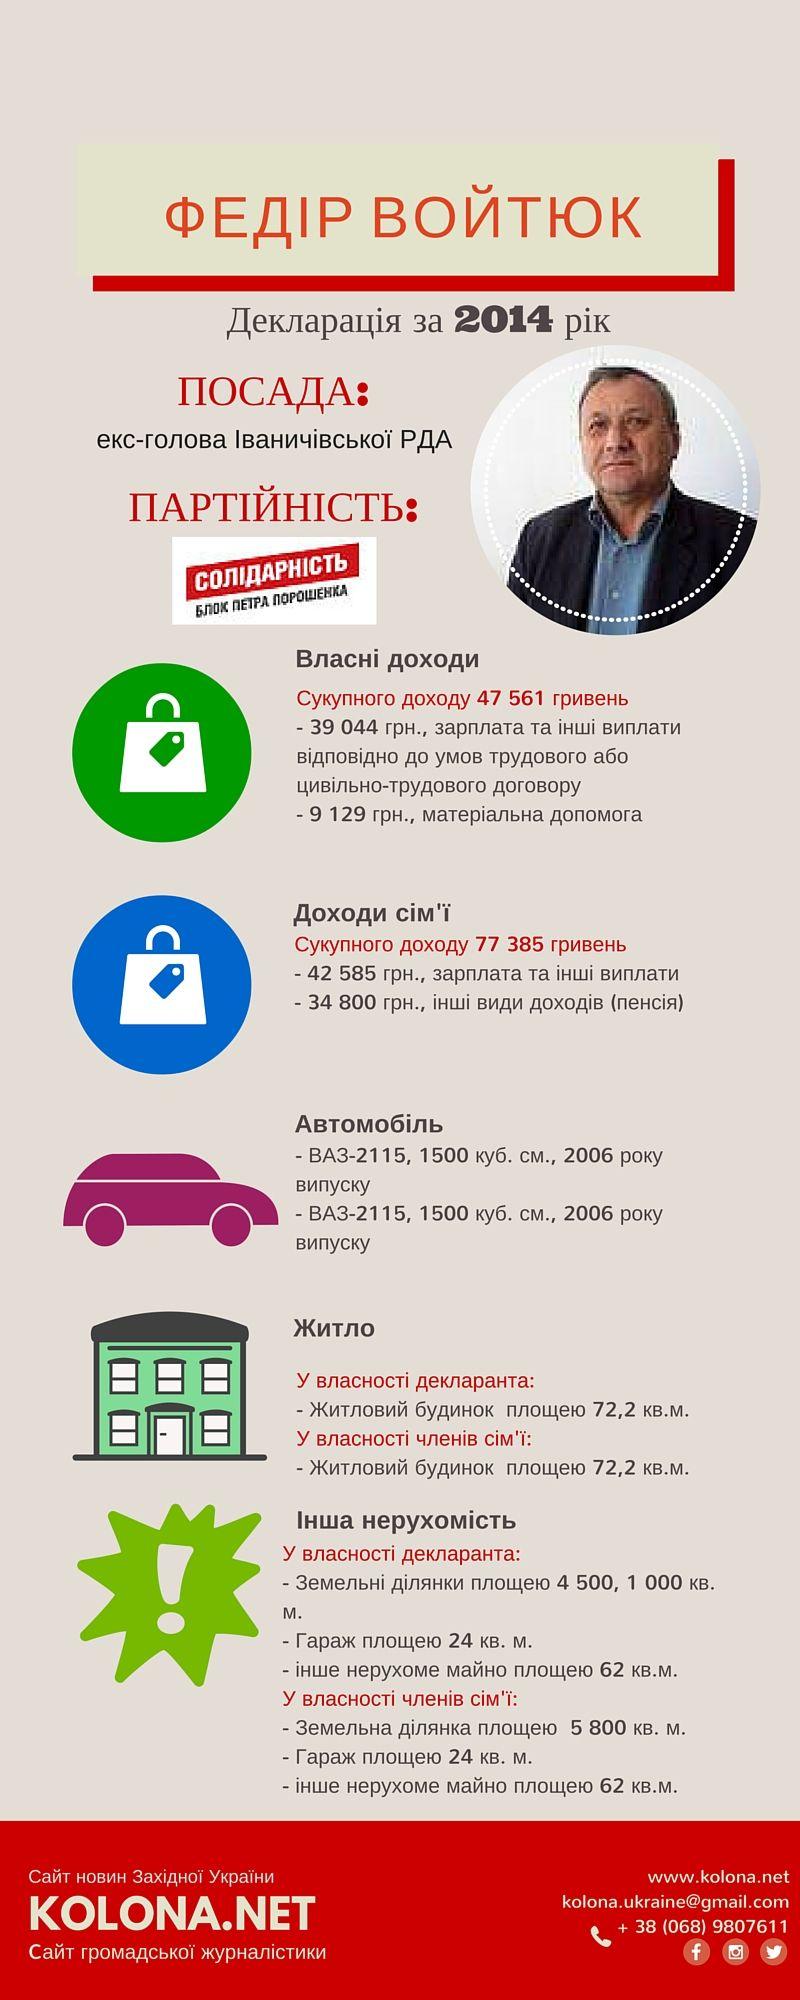 Екс - Голова Іваничівської РДА - Федір Войтюк